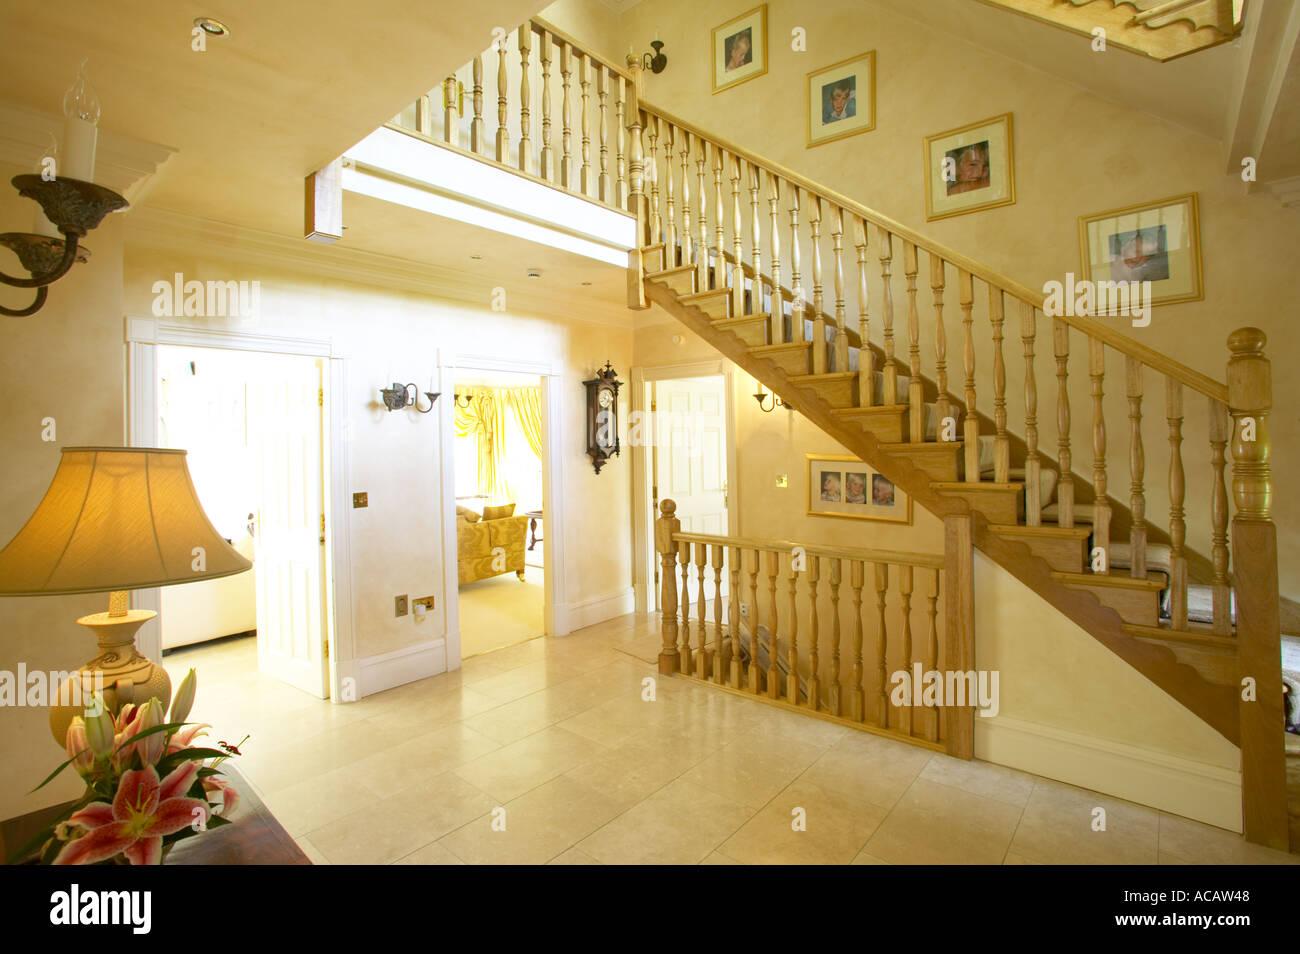 Kronleuchter Flur Modern ~ Treppe im flur großes modernes haus mit kronleuchter stockfoto bild